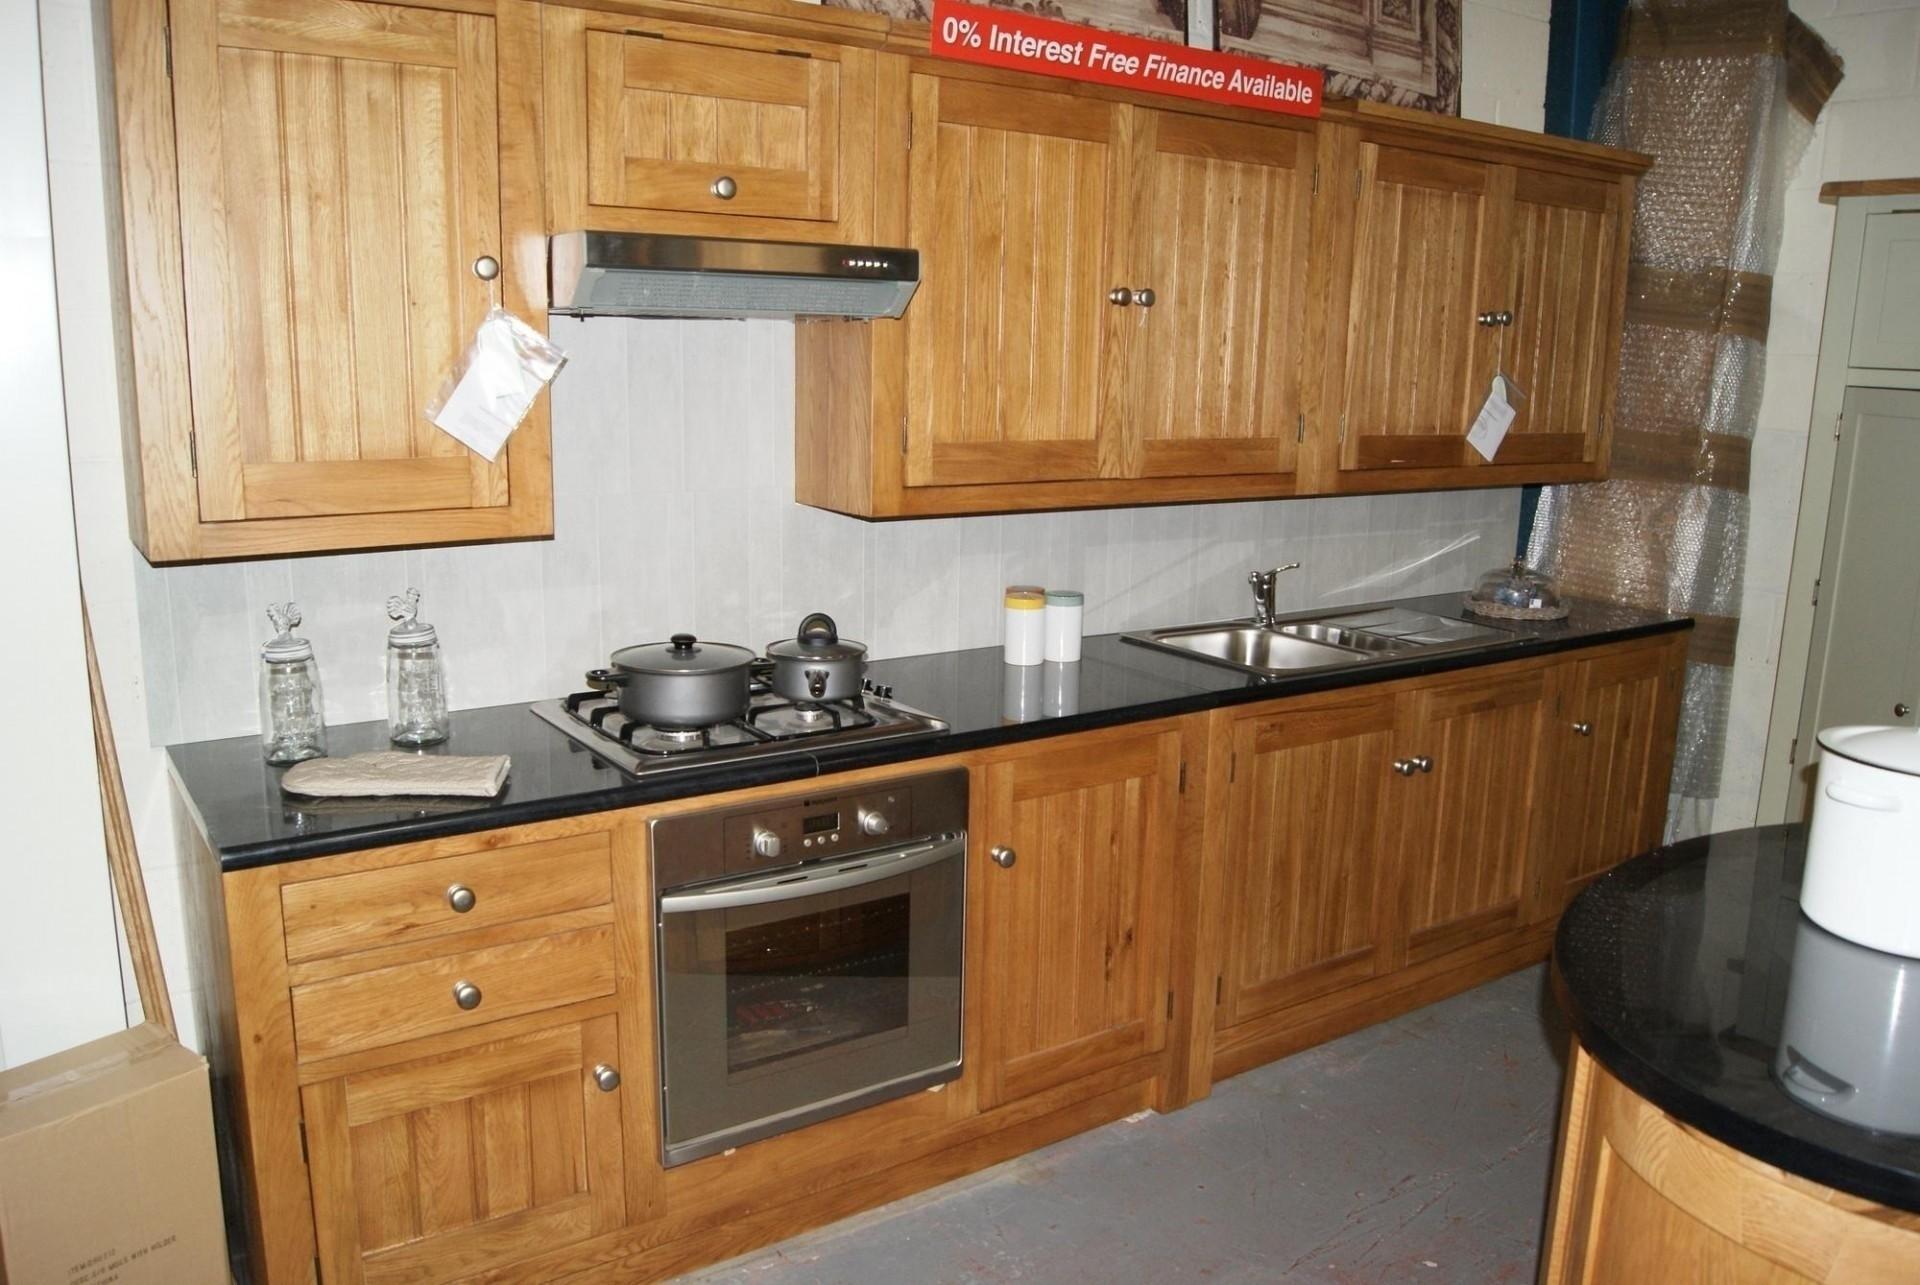 Freestanding Kitchens Quality Oak Kitchen Units